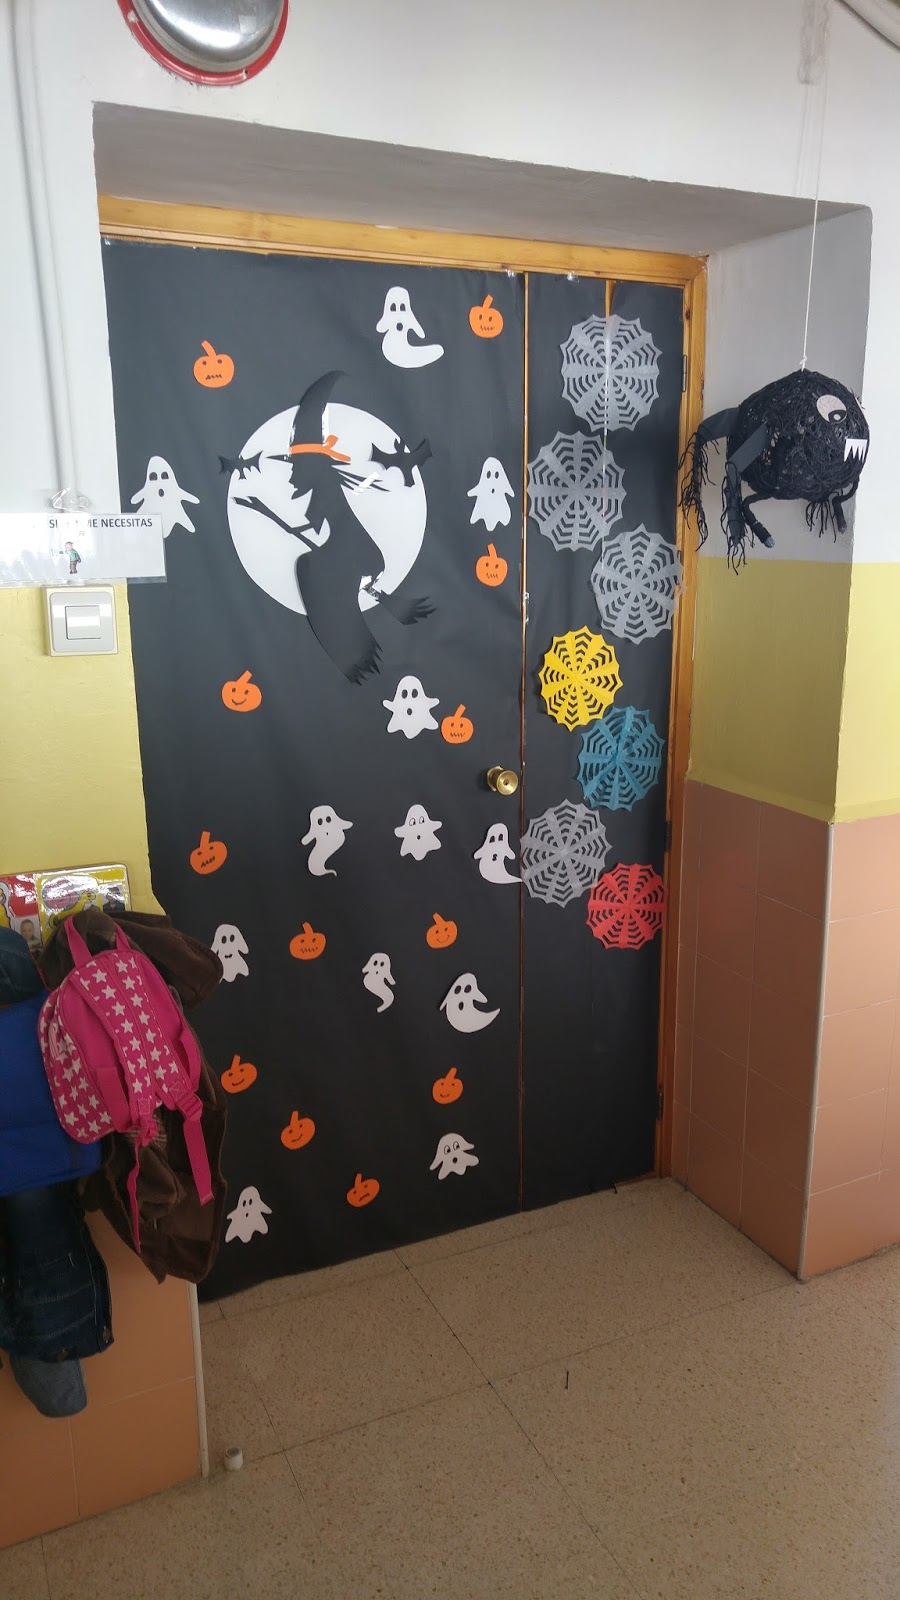 Los peques de la cruz decoraci n de halloween for Decoracion para puertas halloween